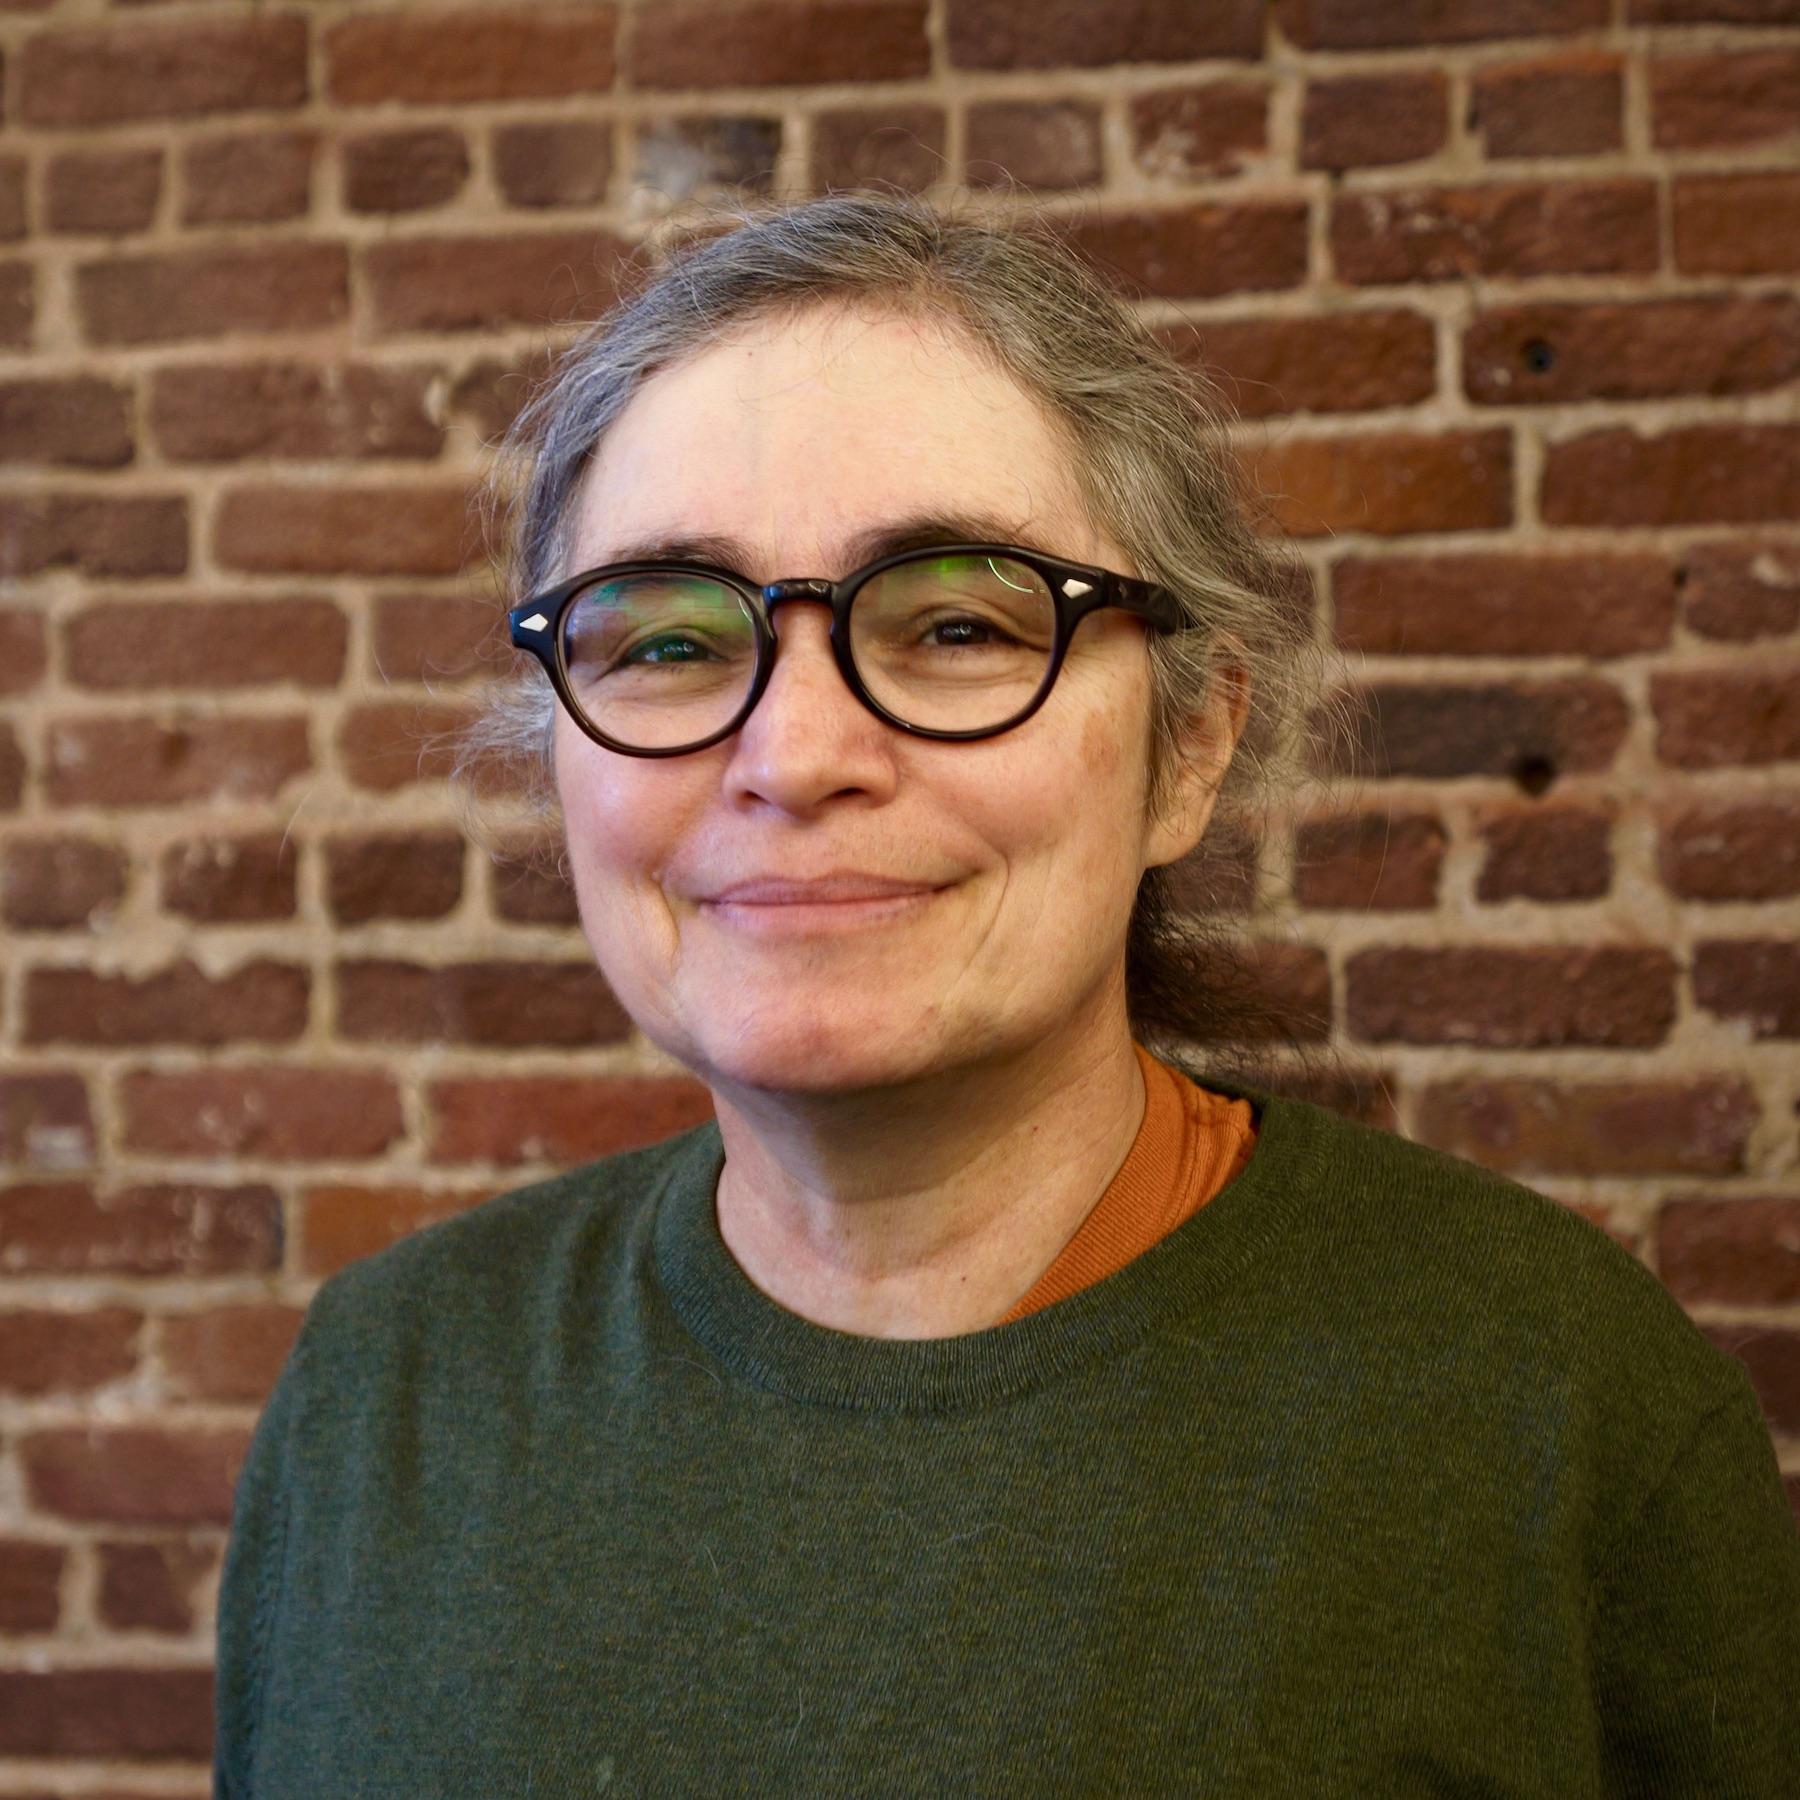 Photo of Melinda Shore